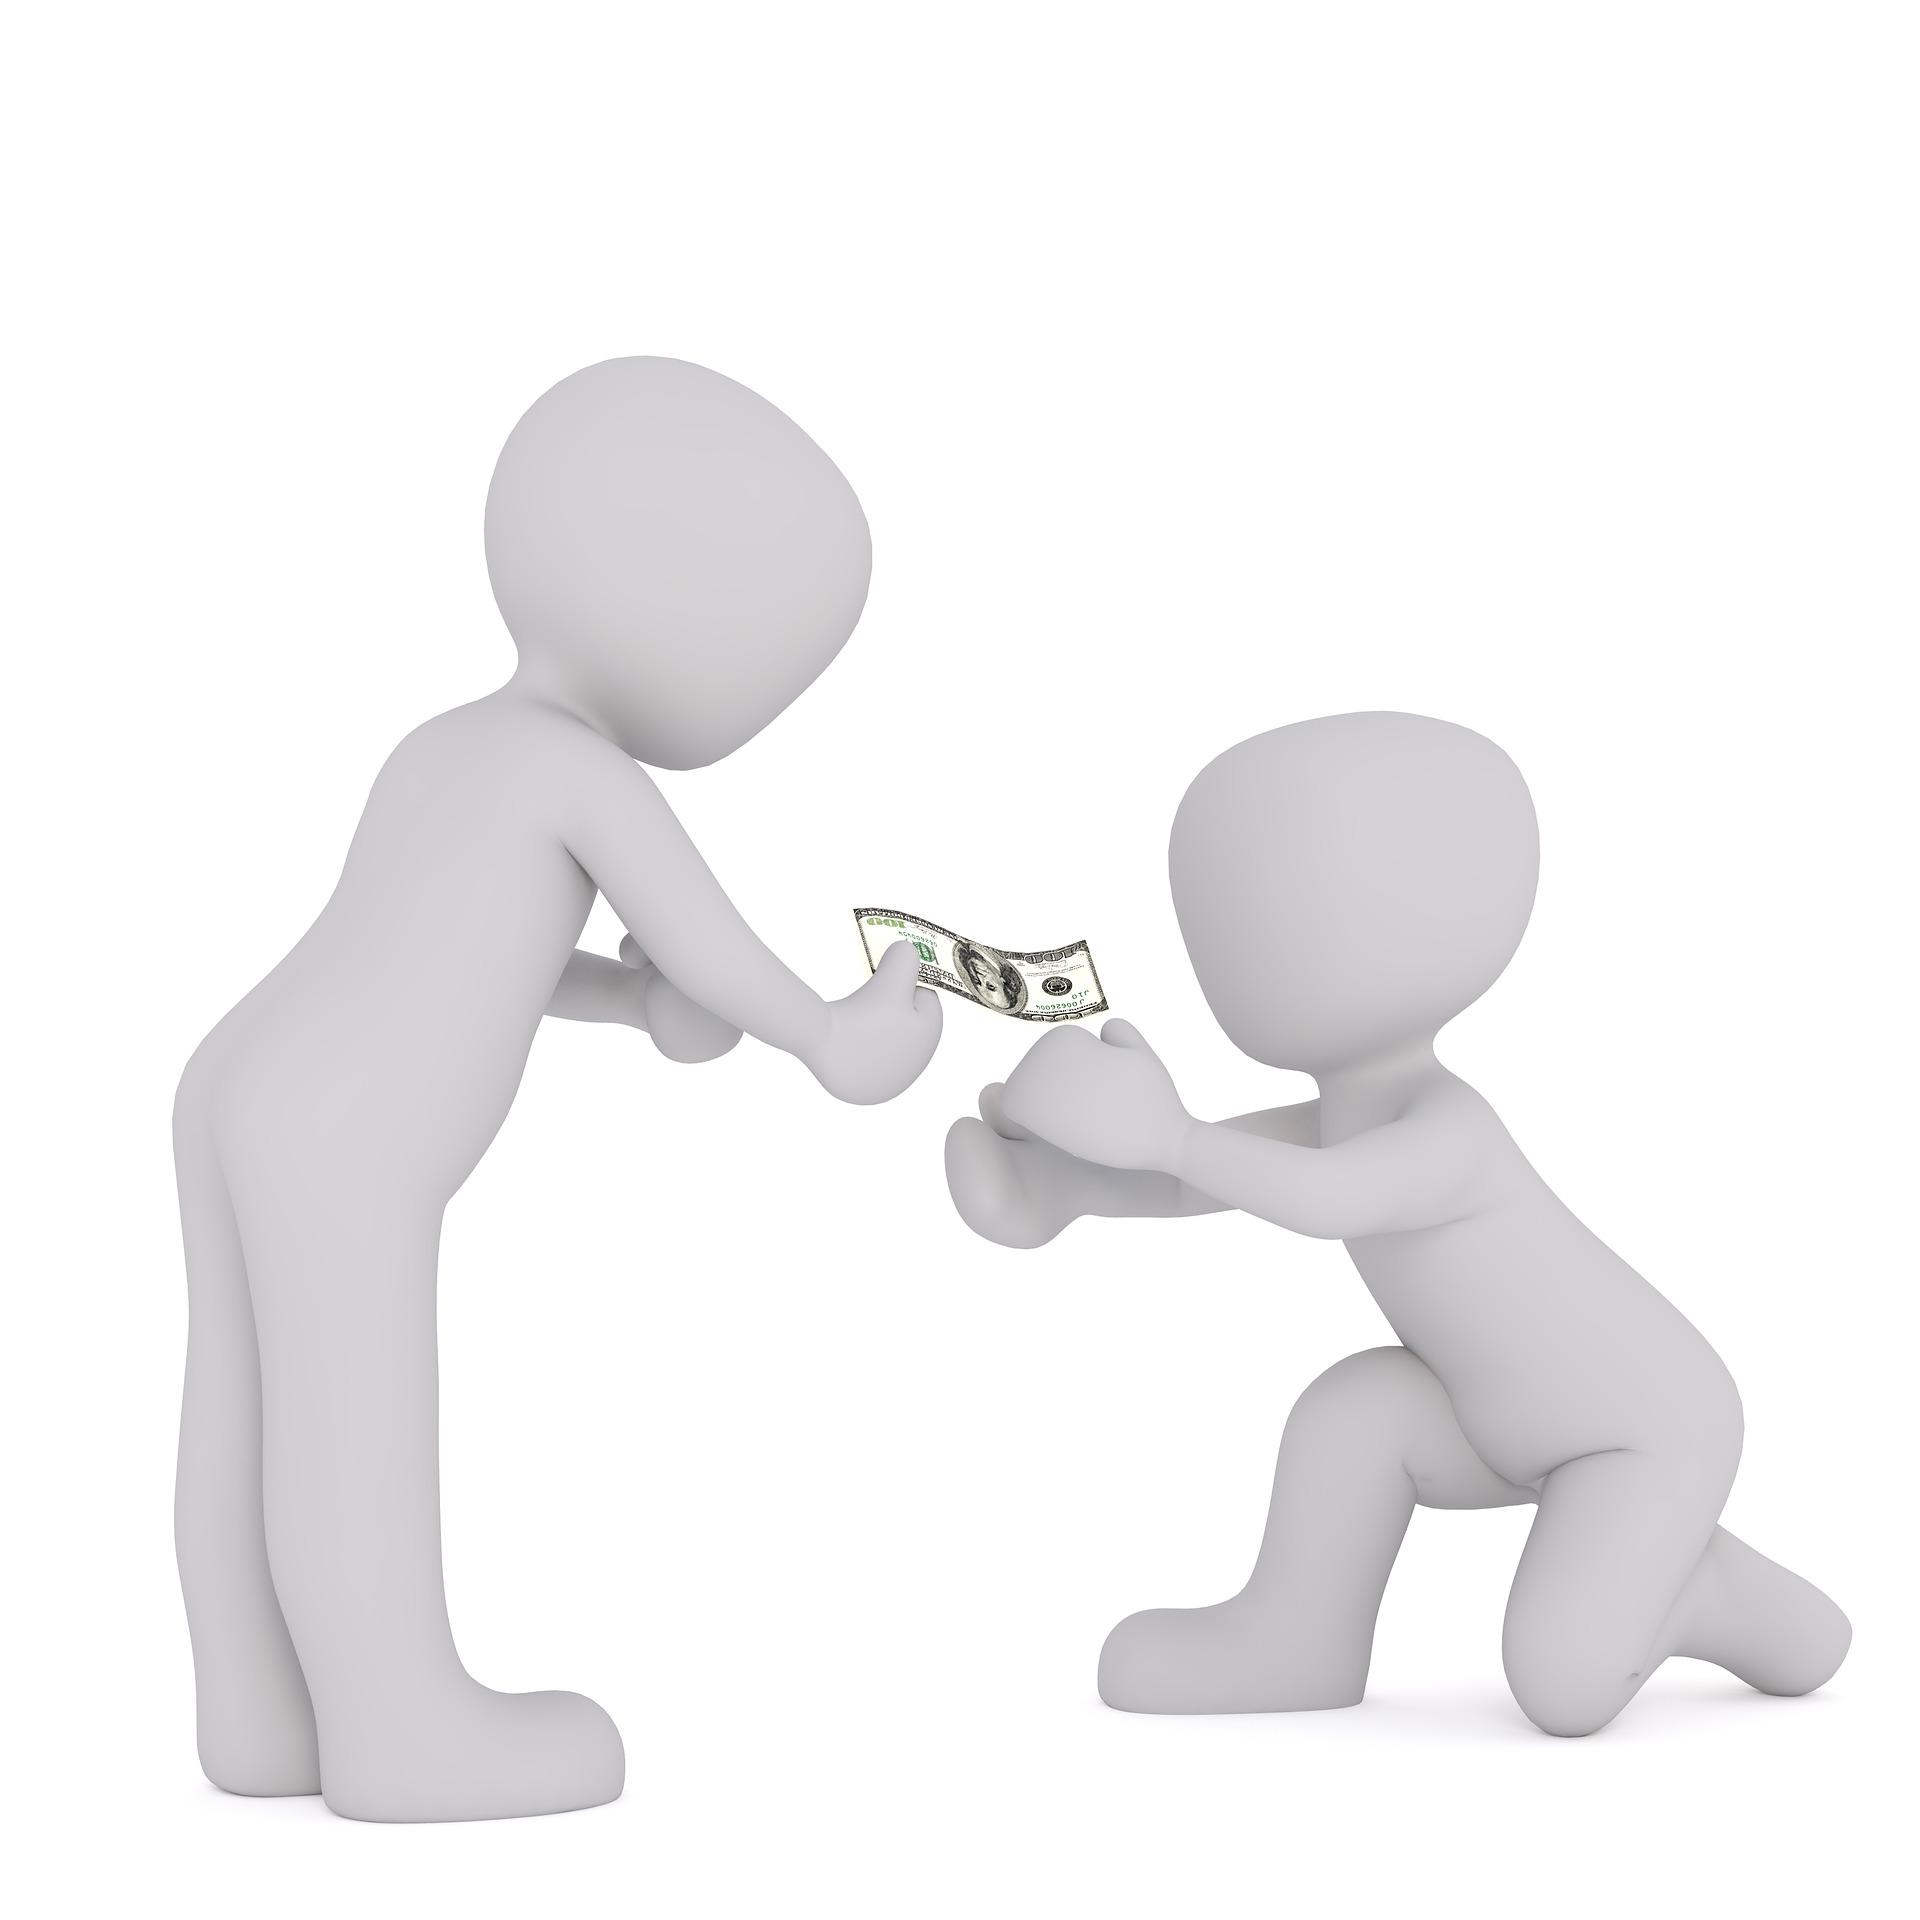 借錢該怎麼借?願意借錢給你的都是生命中的貴人!